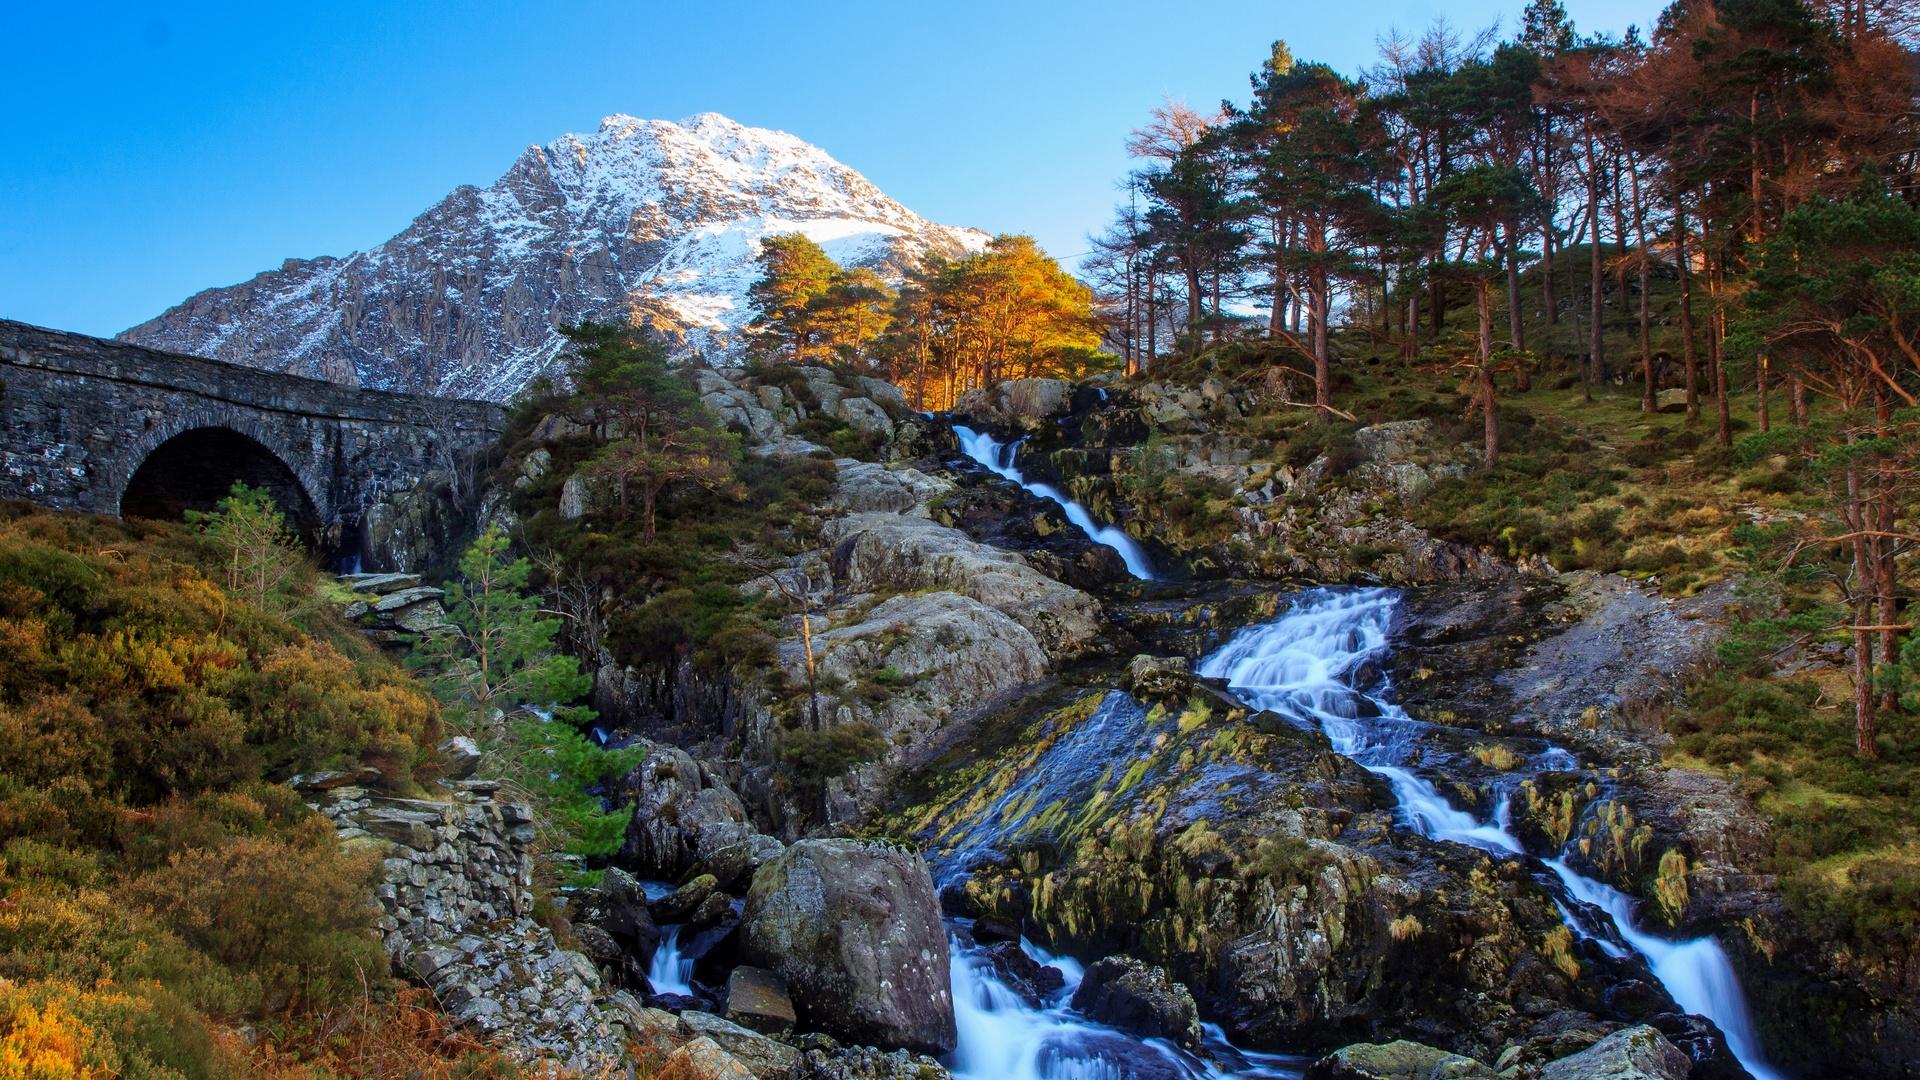 великобритания, горы, камни, мост, tryfan, ogwen, valley, уэльс, деревья, скала, природа